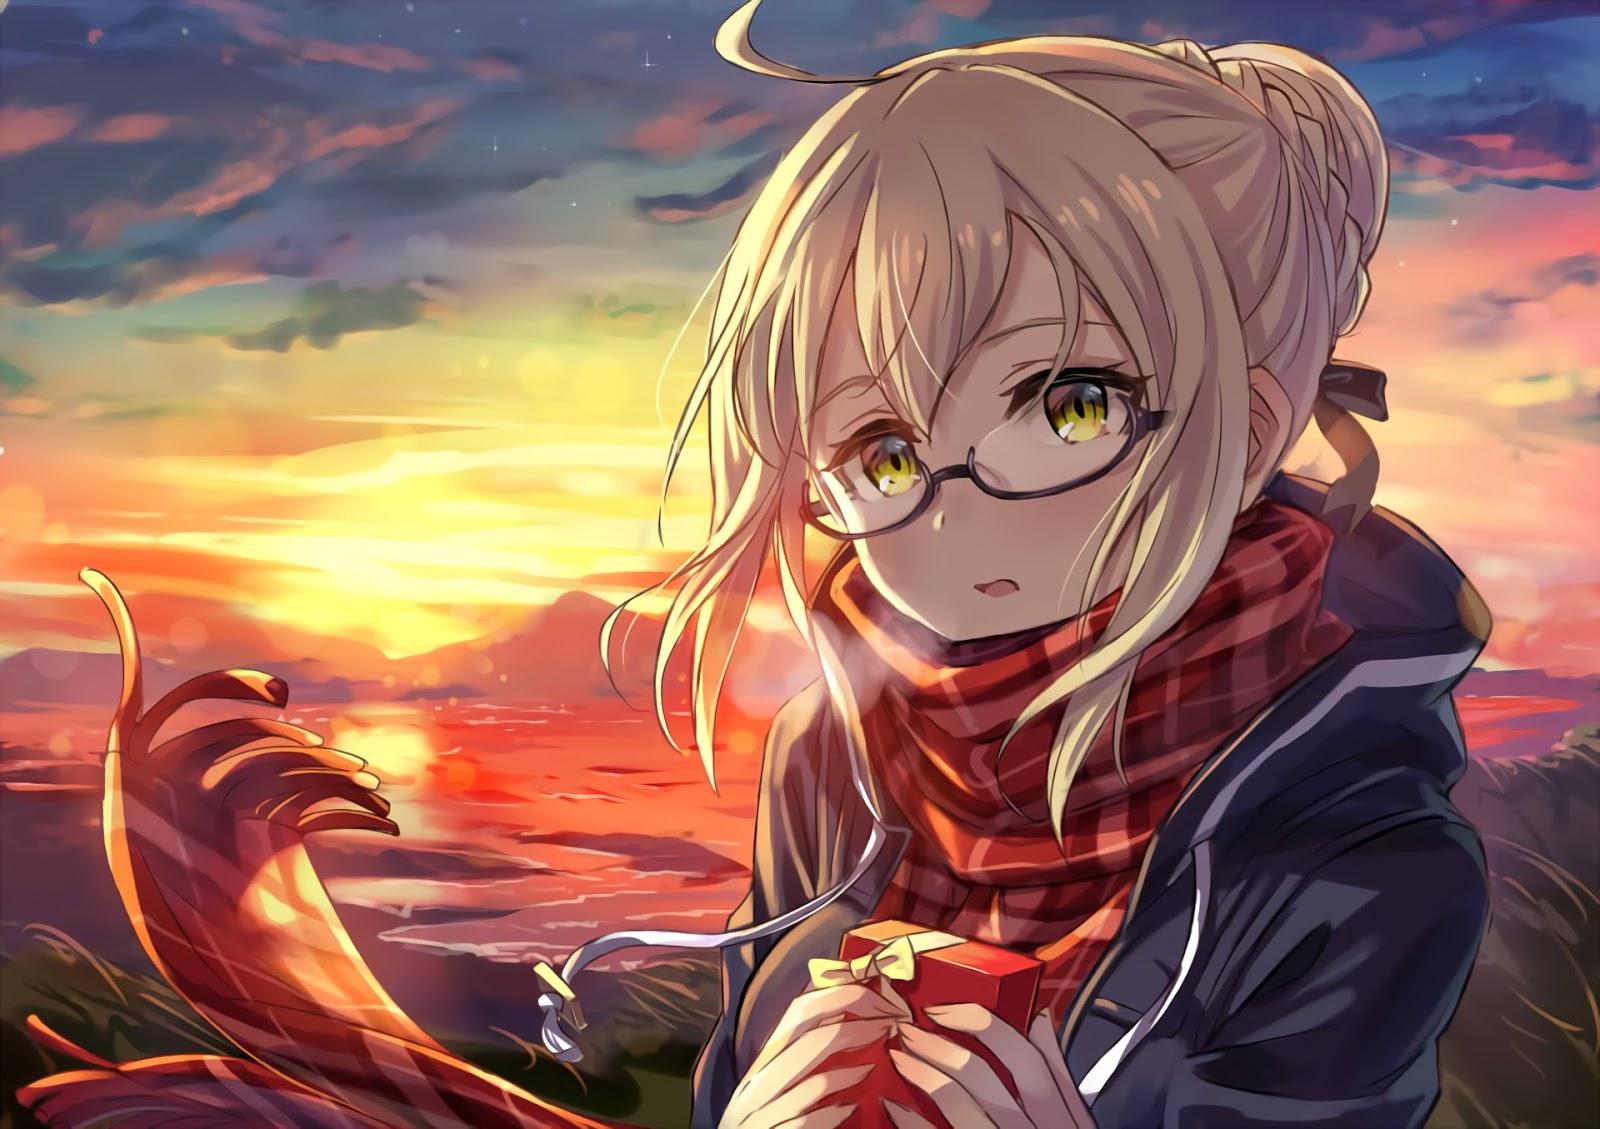 Fate AowVN%2B%252877%2529 - [ Hình Nền ] Anime Fate/GrandOrder tuyệt đẹp Full HD | Wallpaper